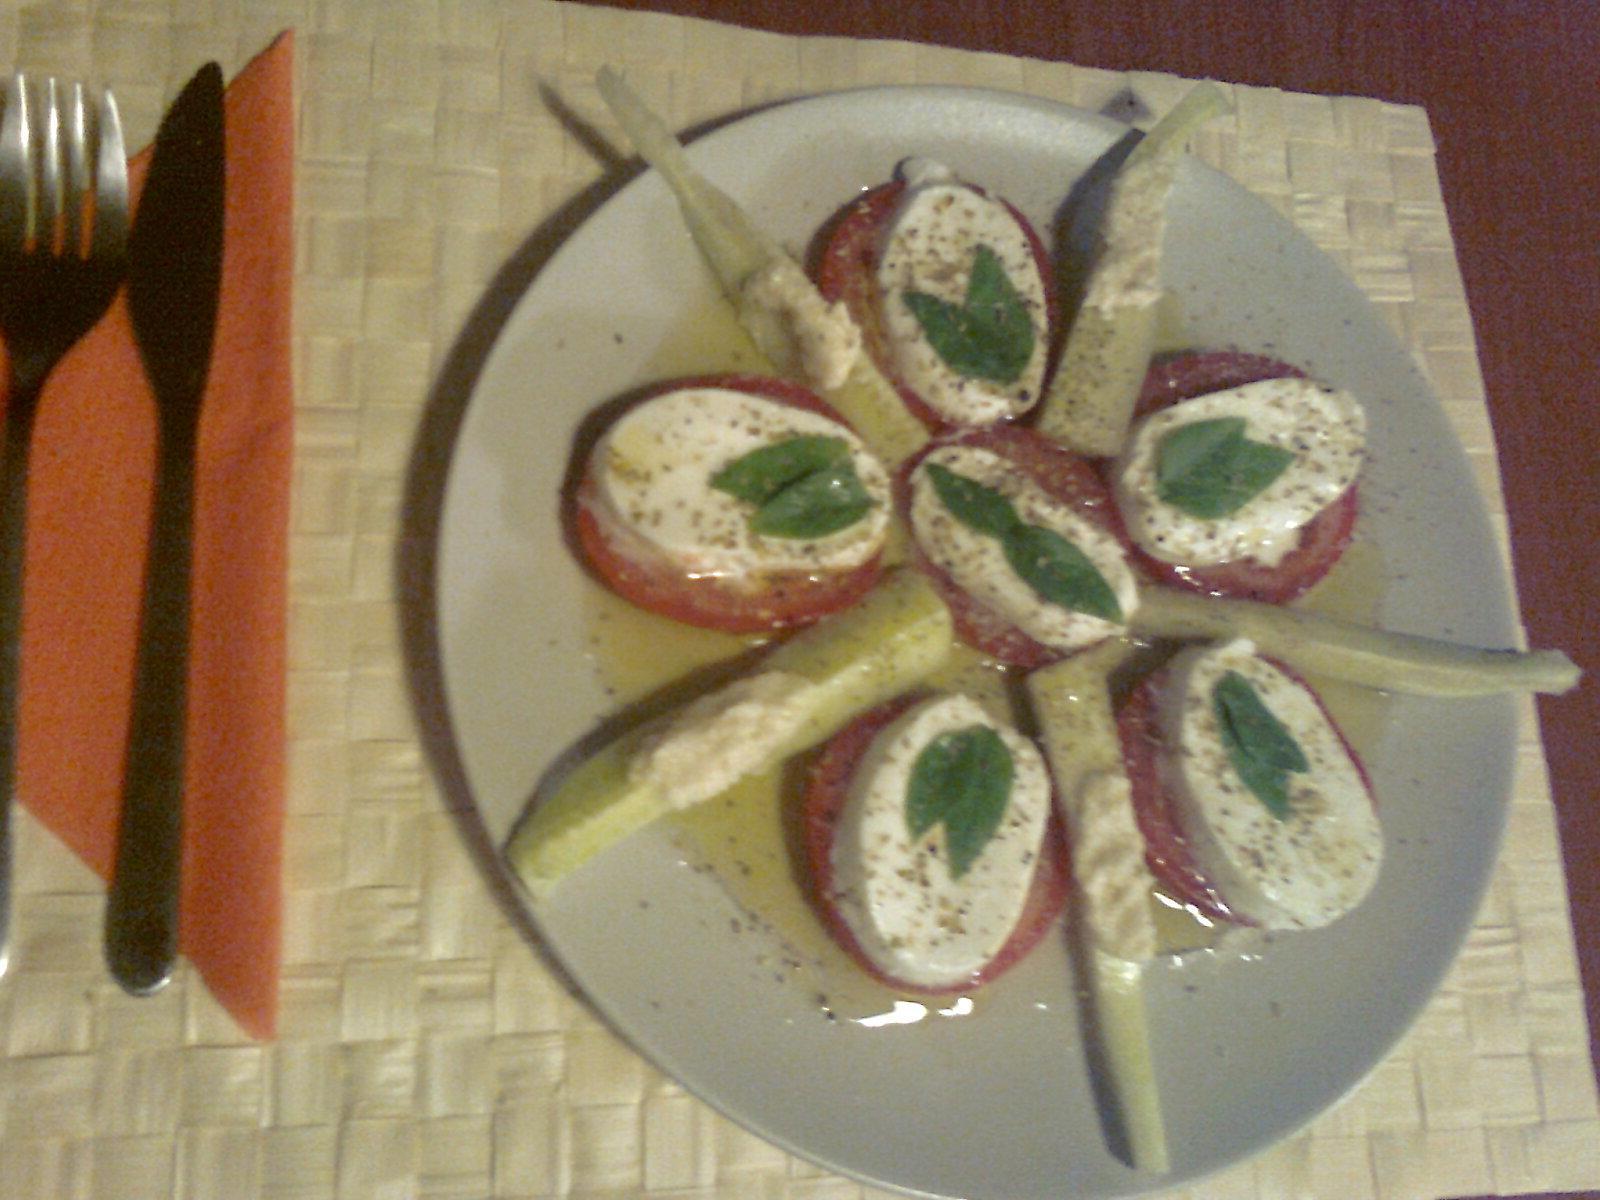 Ranajkova inspiracia : paradajky,... - Obrázok č. 1